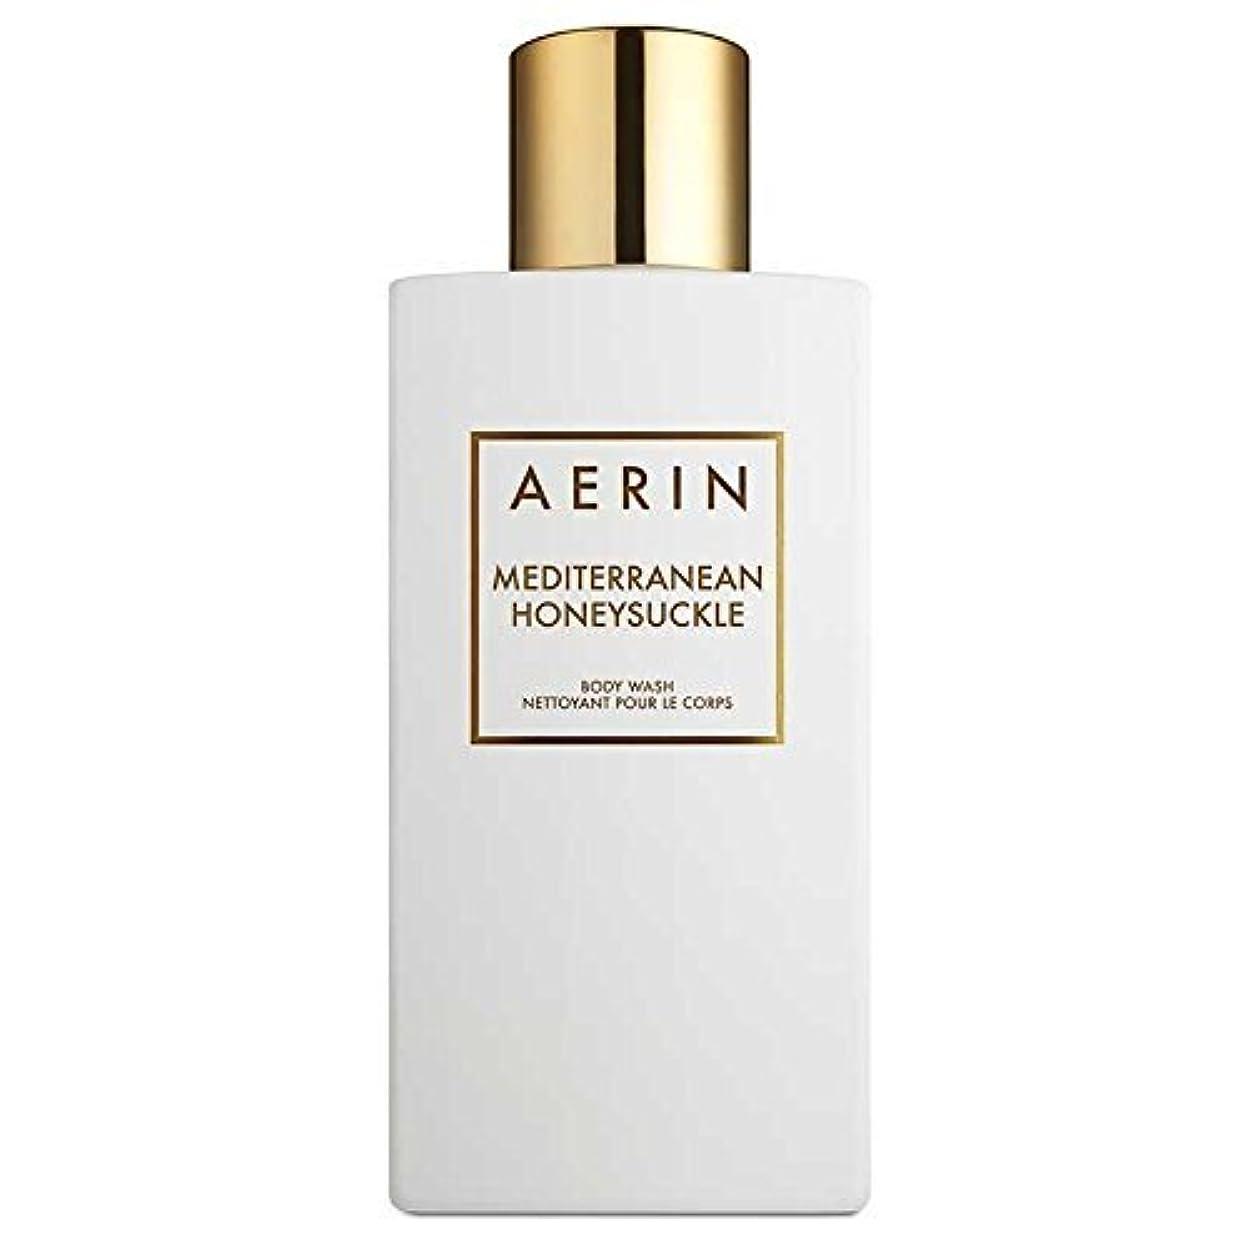 豆腐百科事典慢AERIN Mediterranean Honeysuckle (アエリン メディタレーニアン ハニーサックル) 7.6 oz (228ml) Body Wash ボディーウオッシュ by Estee Lauder for...